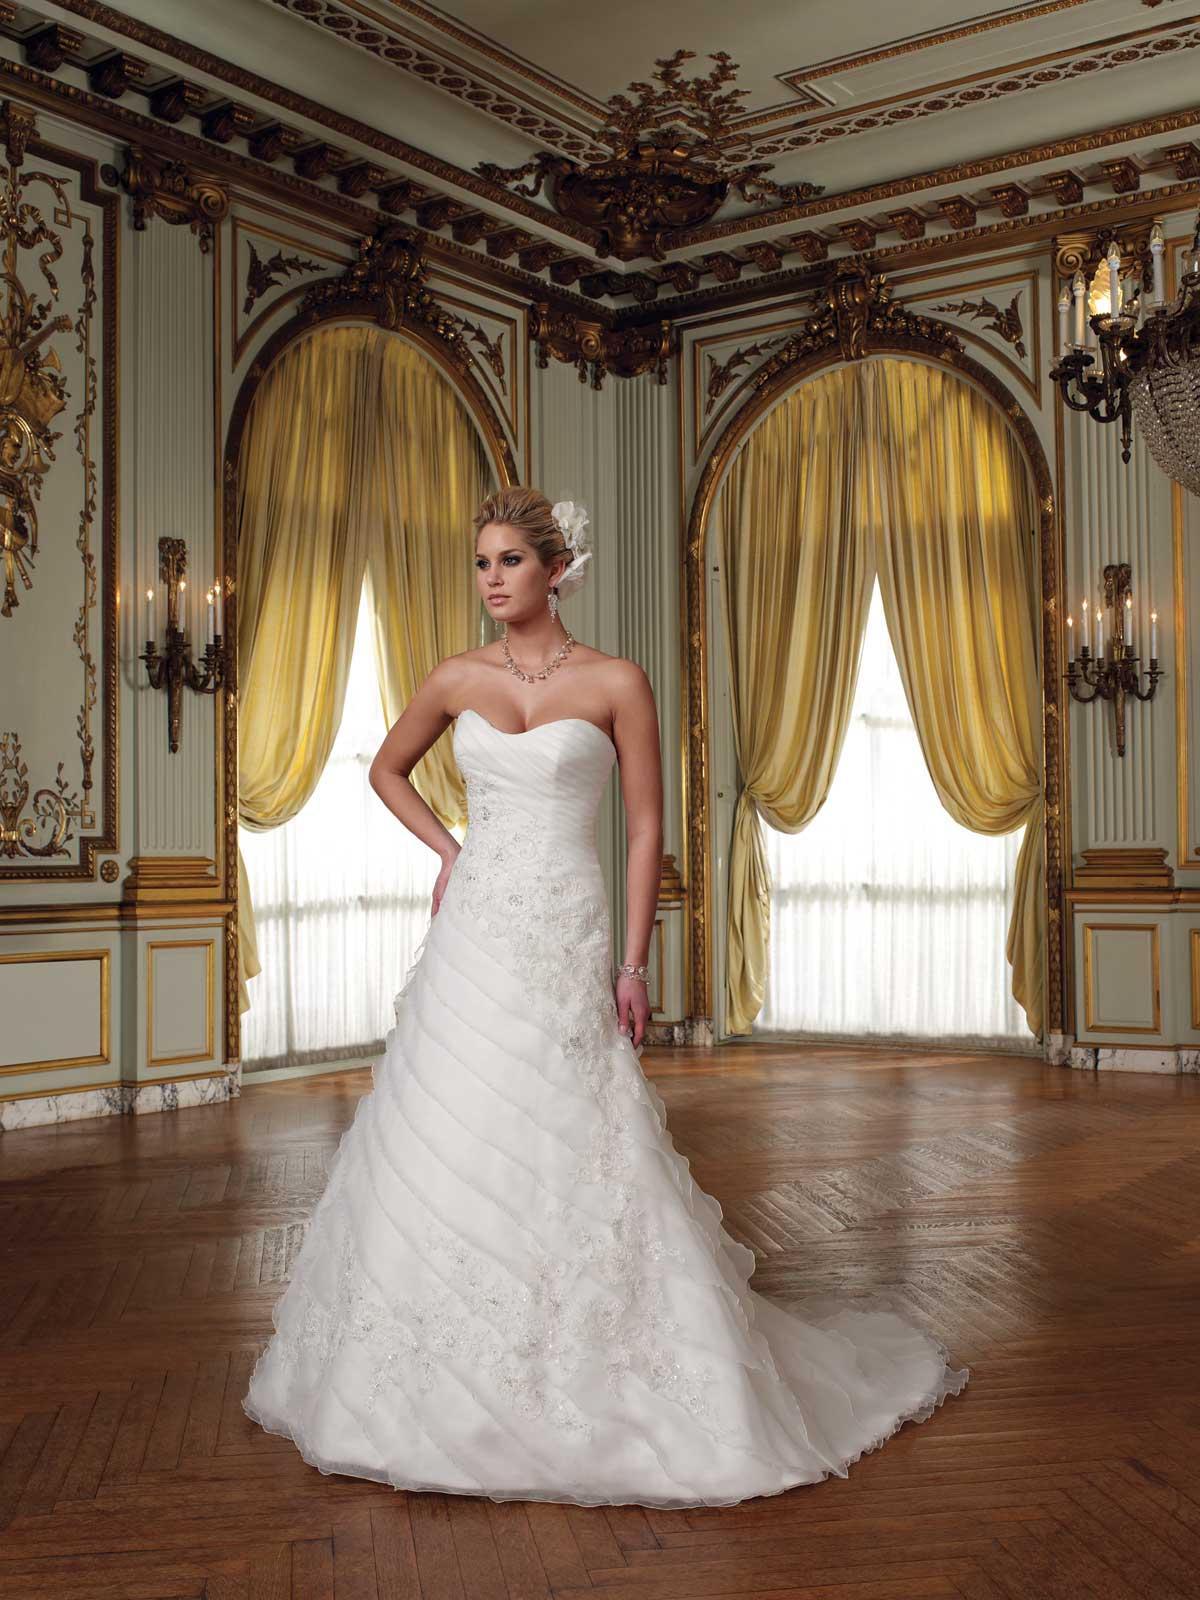 Home Wedding Dresses A-line